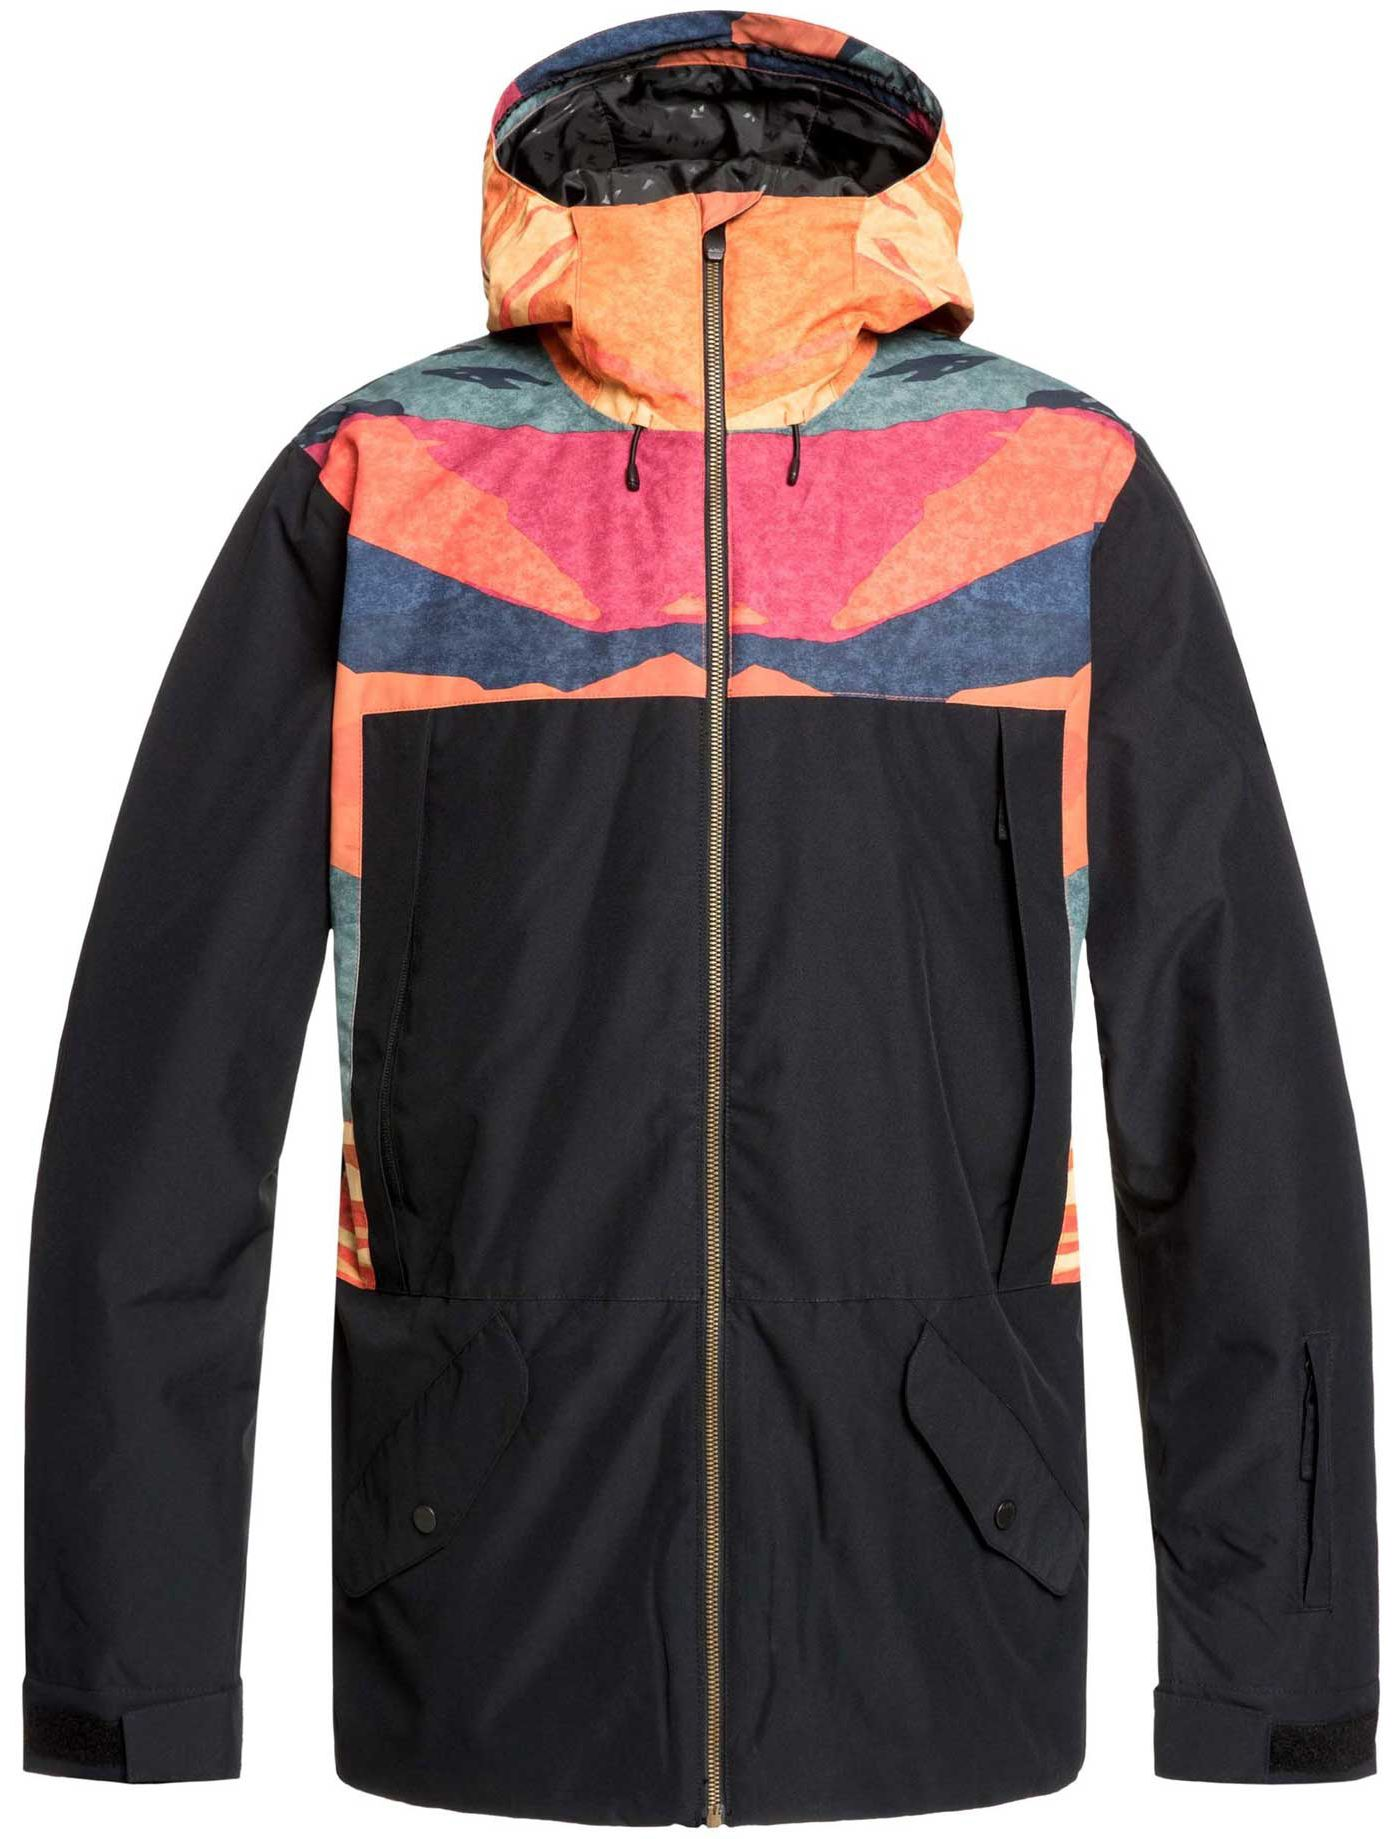 Quiksilver Men's TR Ambition Snow Jacket